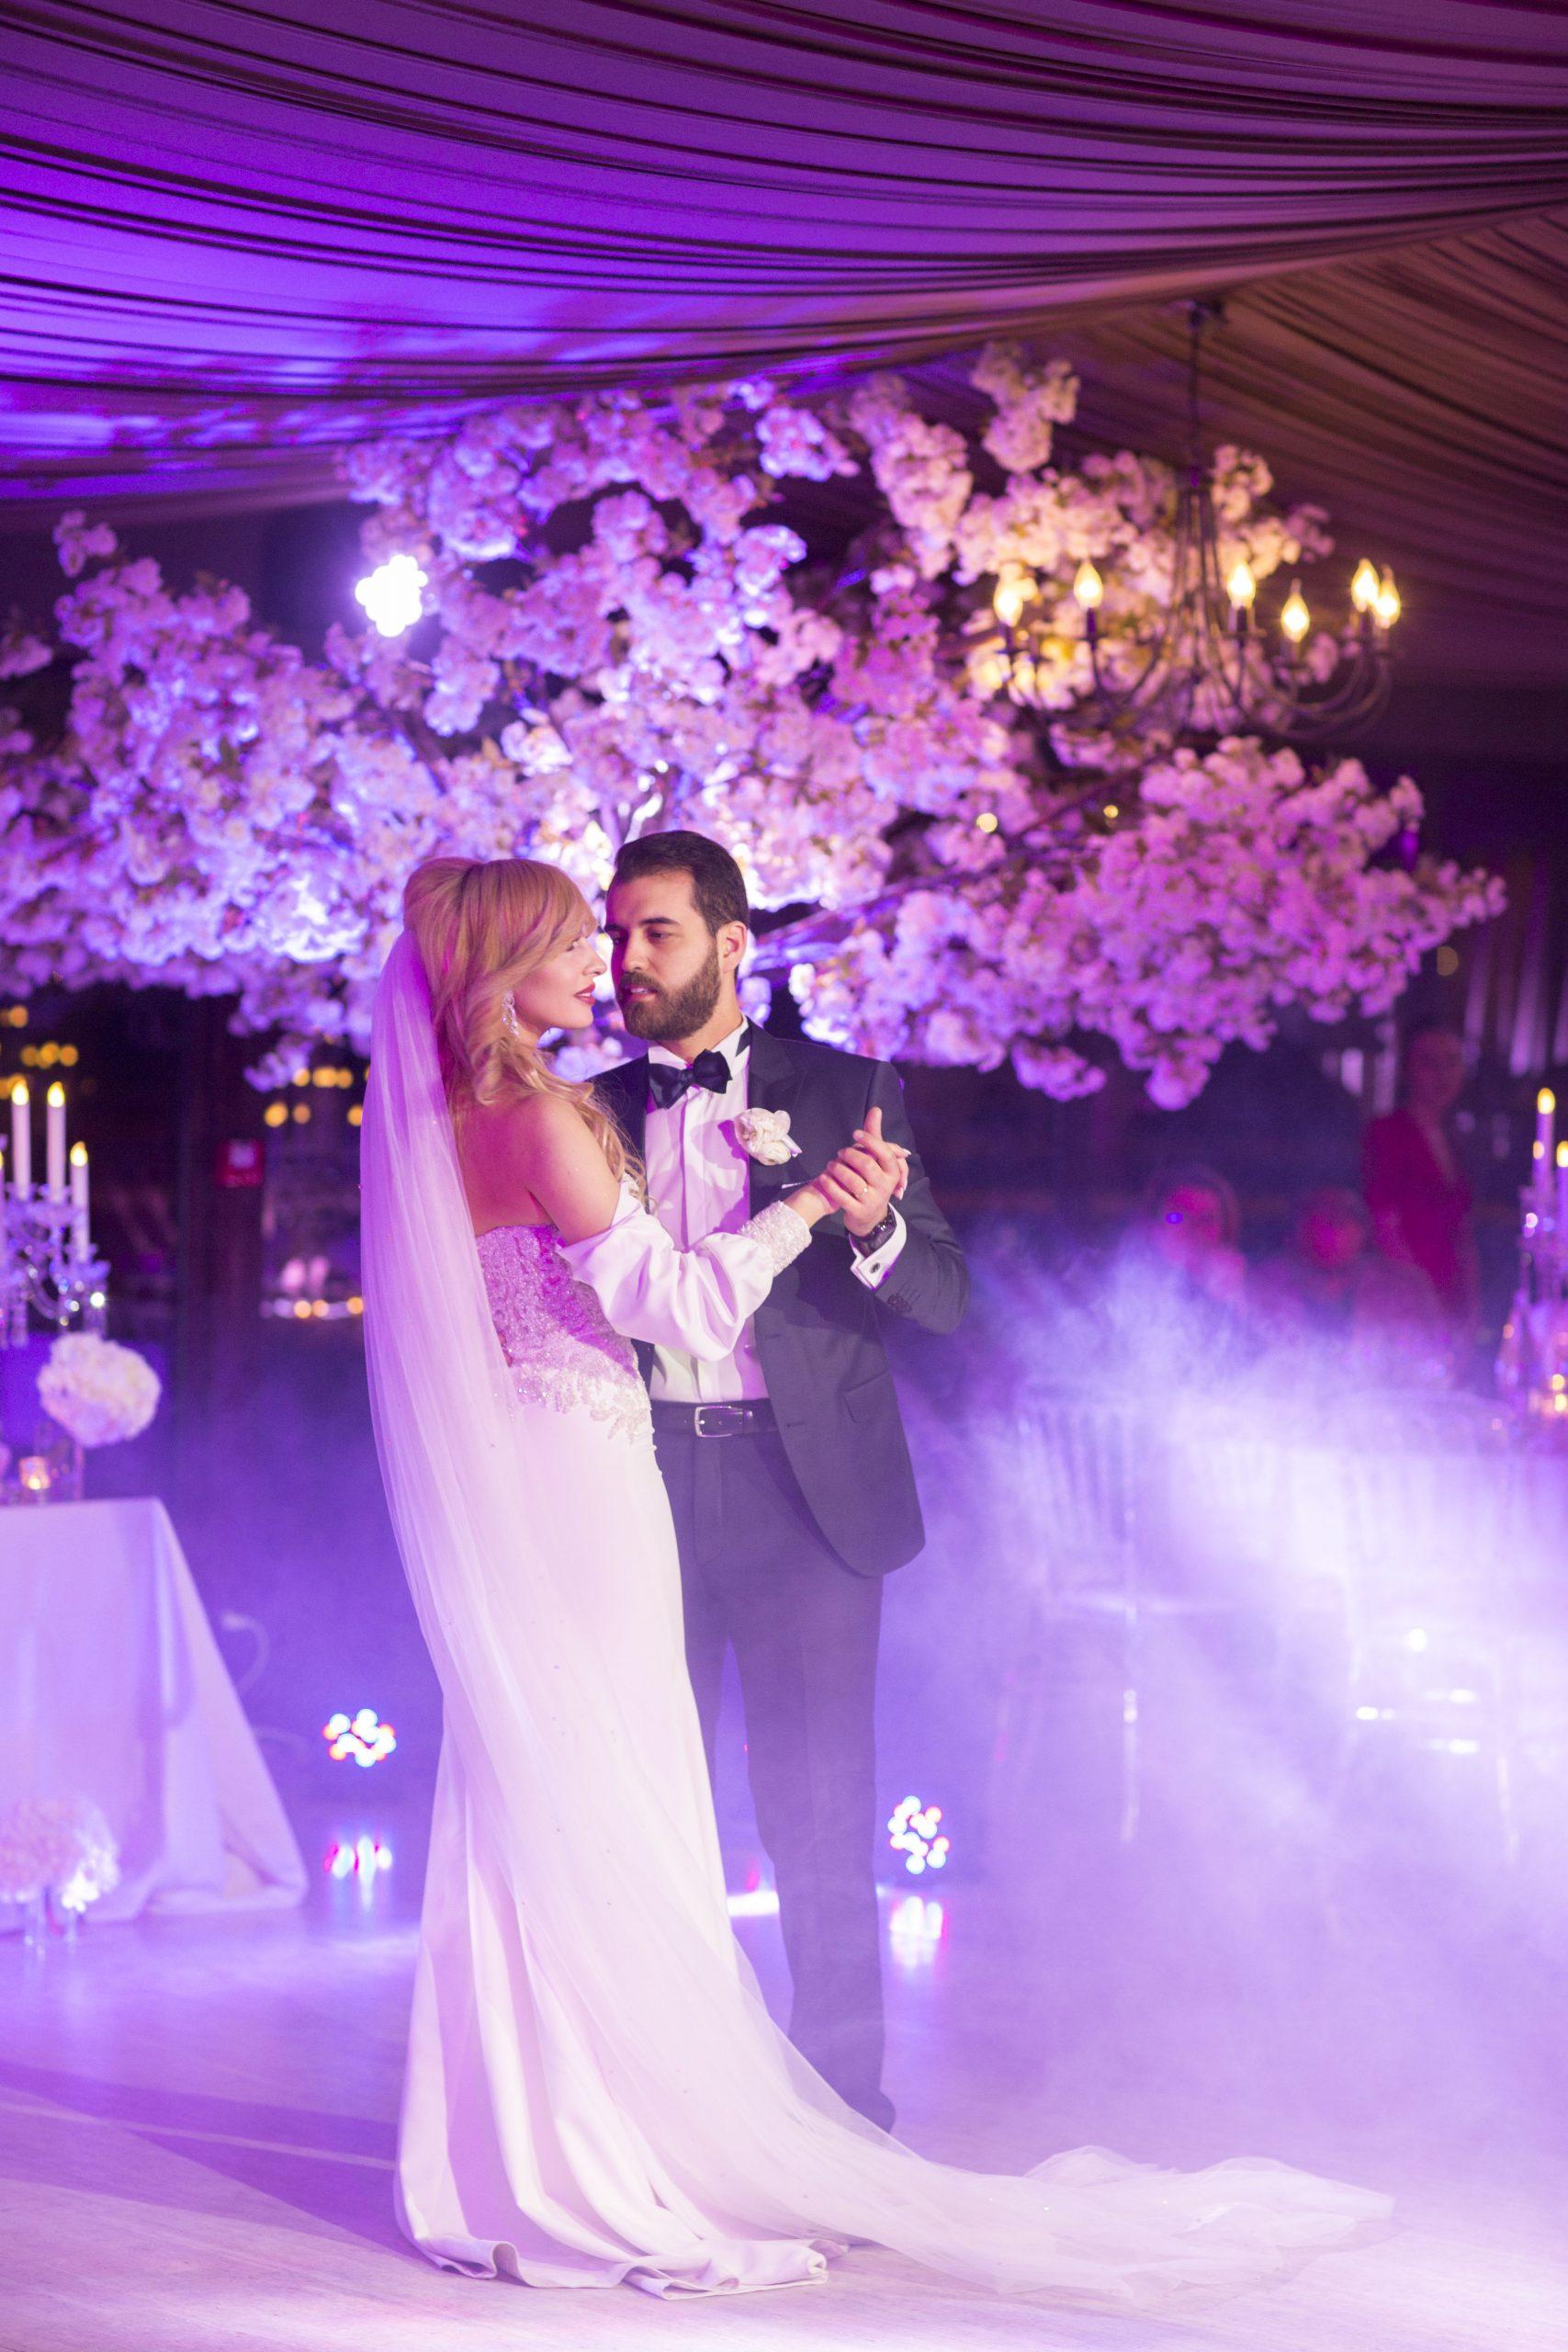 photographe-mariage-ouverture-de-bal-mariés